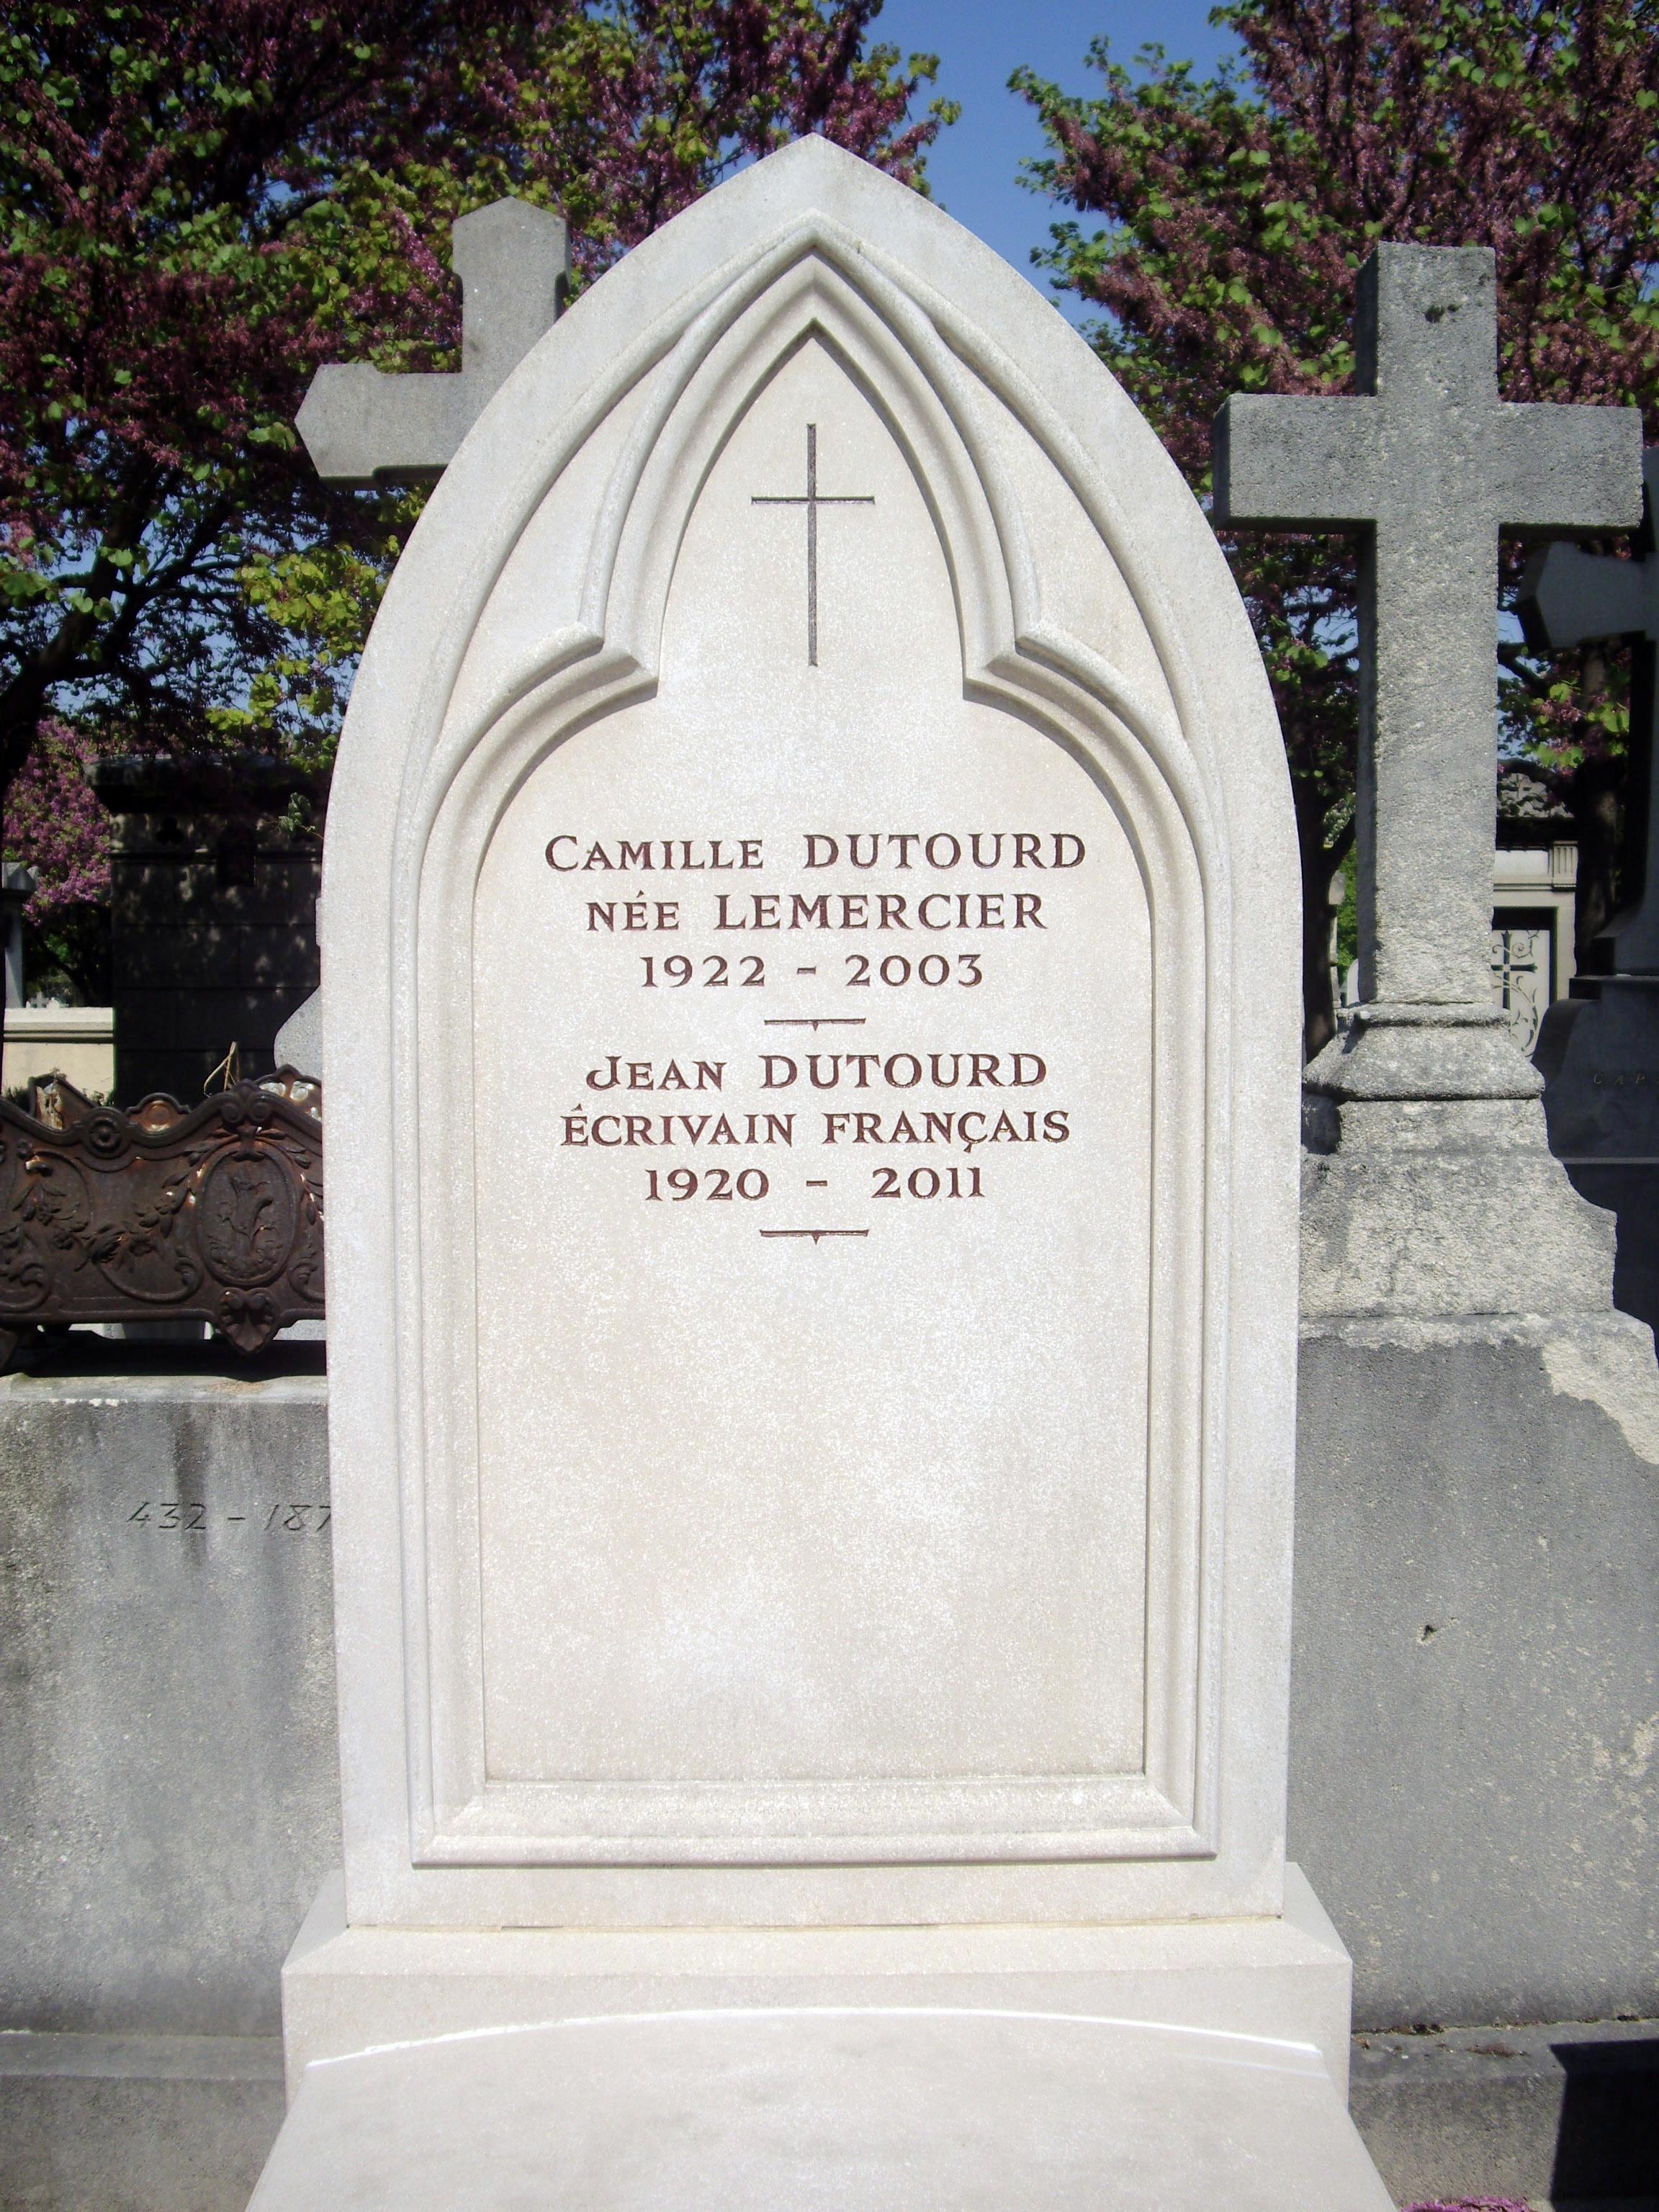 Dutourd's gravestone in Montparnasse Cemetery